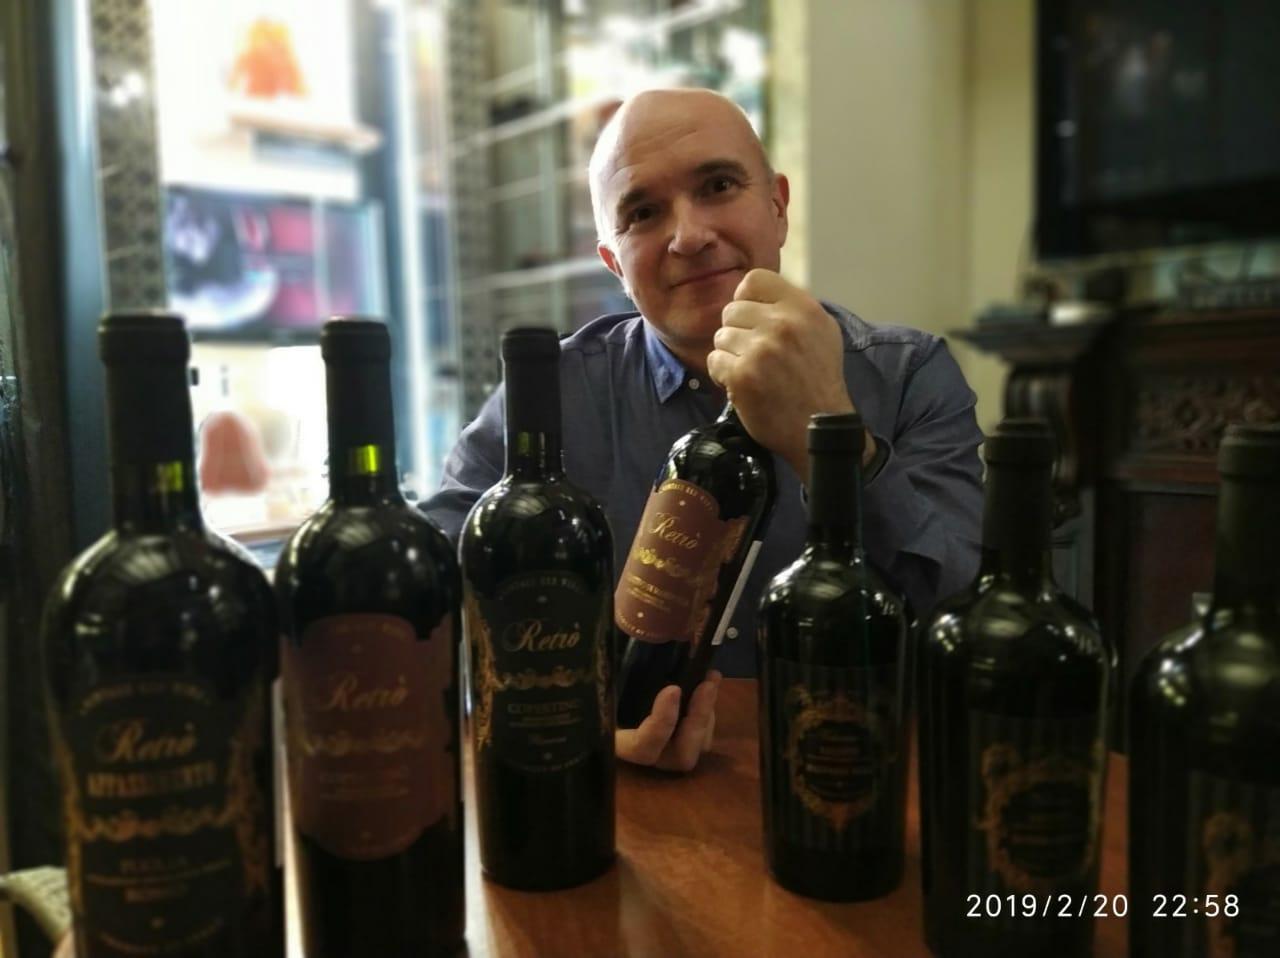 посетители салона СИГАРЫ И ВИСКИ под итальянские вина от BRAVO TRADE поздравили друг-друга с праздником …